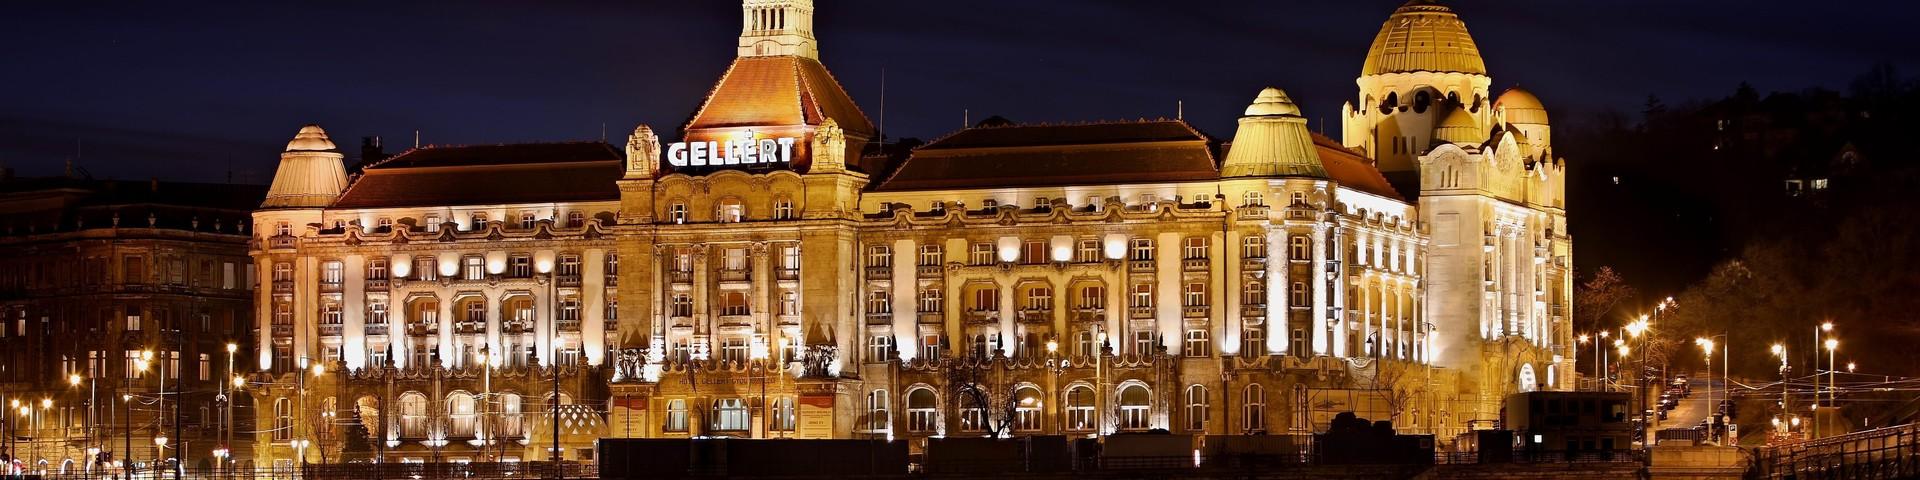 Danubius Hotel Gellért - Aussenansicht bei Nacht © Danubius Hotel Gellért